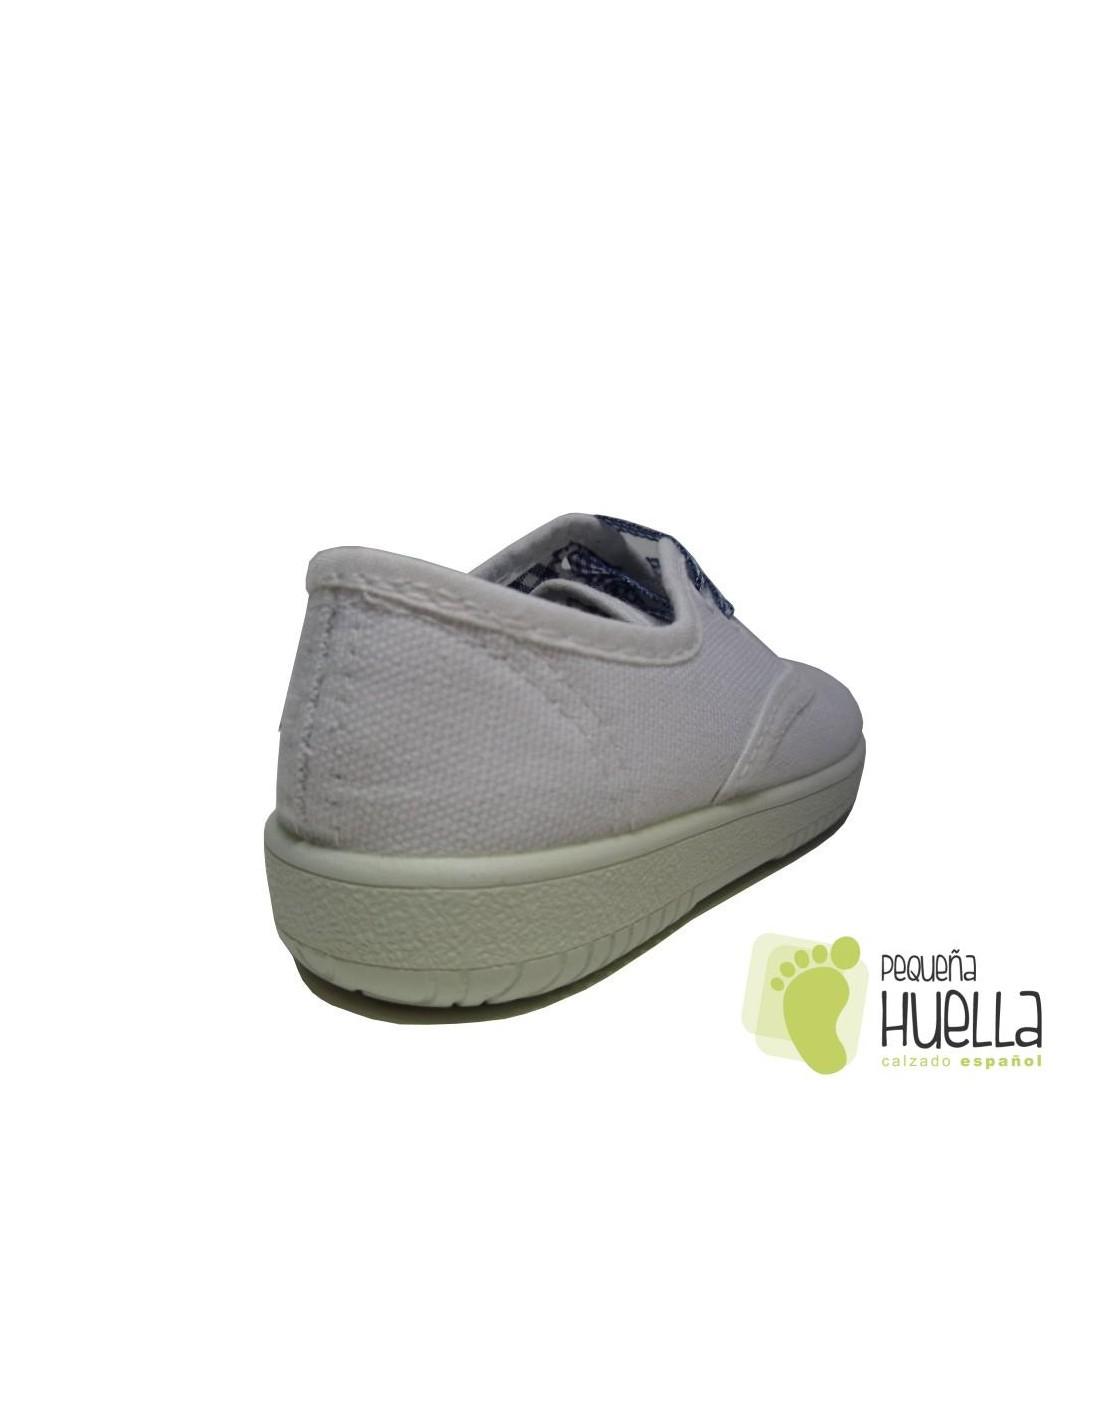 Para Online Tipo Zapatillas Lona Victoria Niño Blancas Comprar iuTkOXPZ